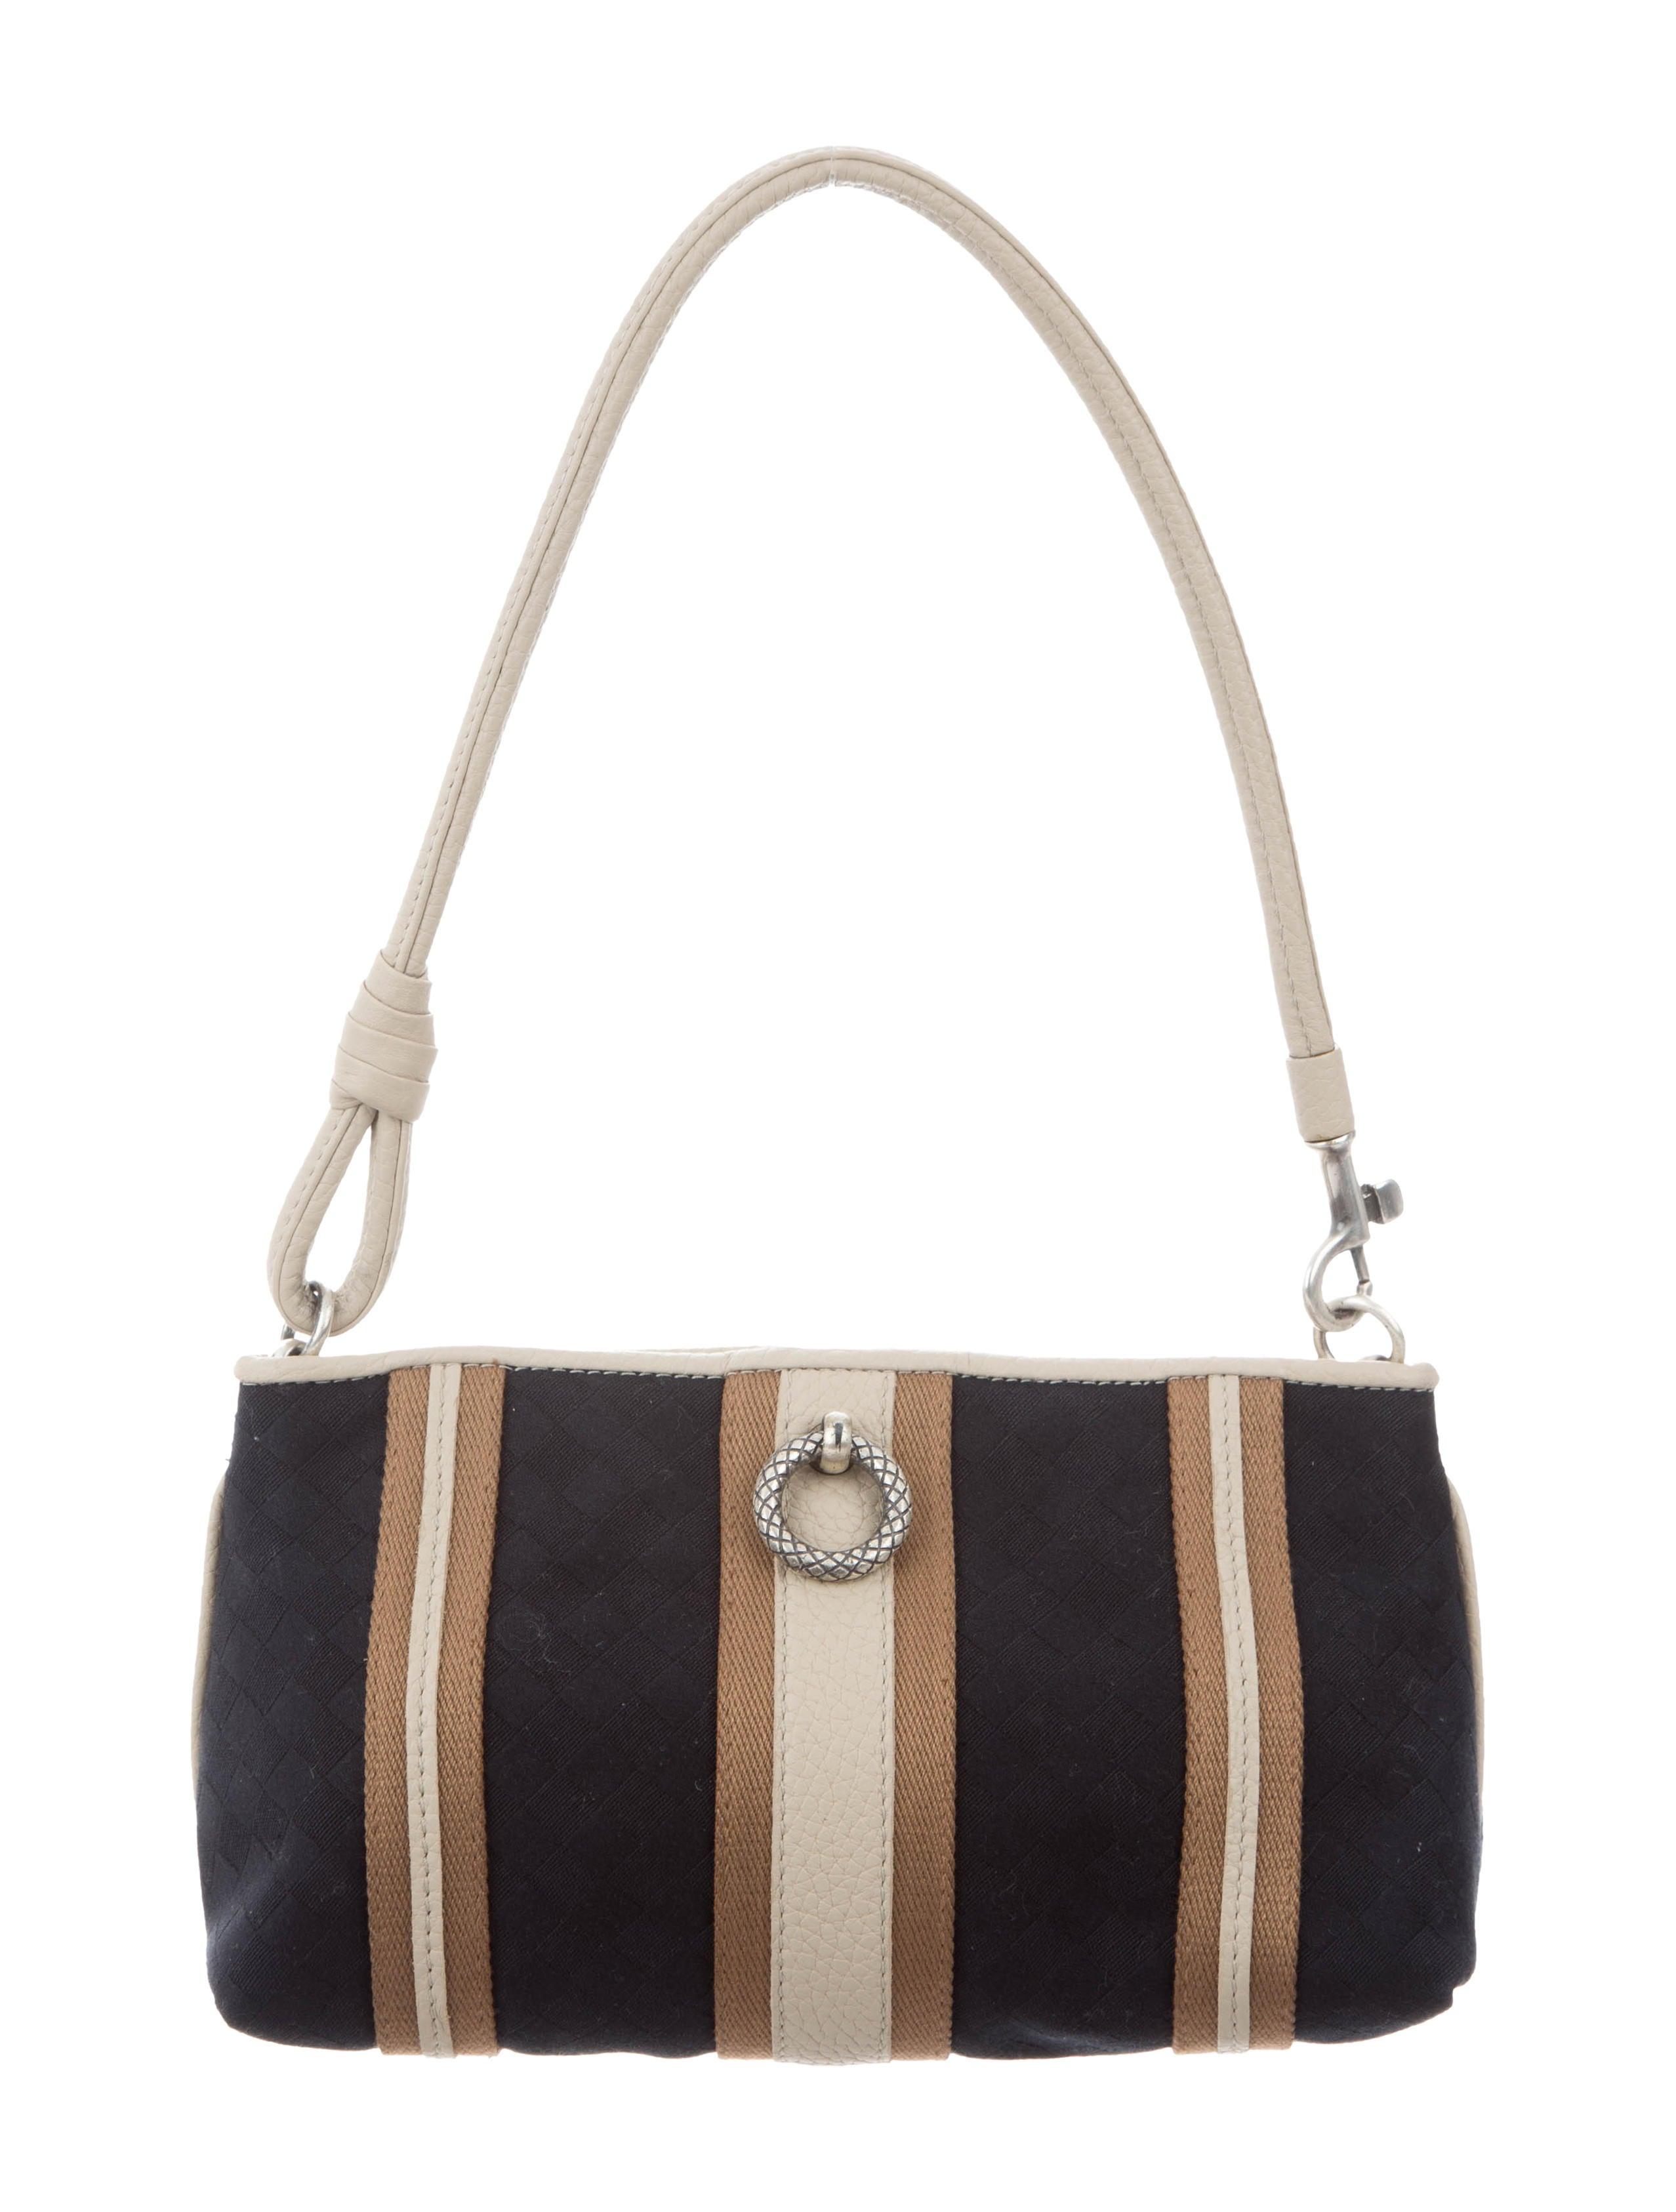 Bottega Veneta Orange Intrecciato Large Hobo. nextprev  best loved 9b209  b8aa2 ... Leather-Trimmed Intrecciato Bag low priced 98a5f e9a4b ... 372999c4354b1